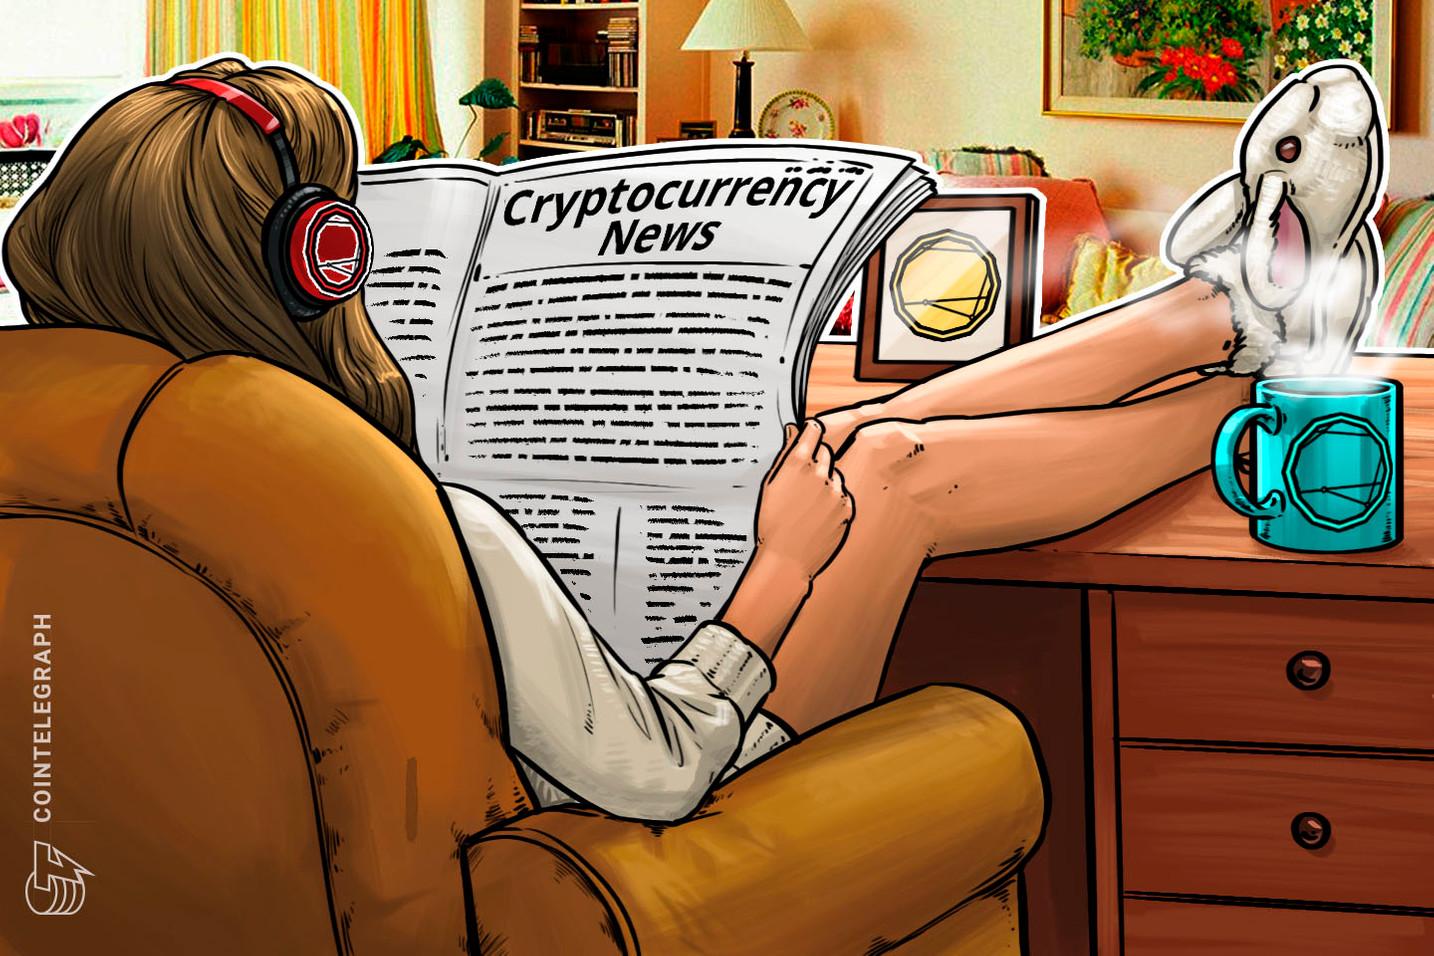 BNB alla prima posizione dei token DeFi di CMC: si è trattato di un 'errore umano'